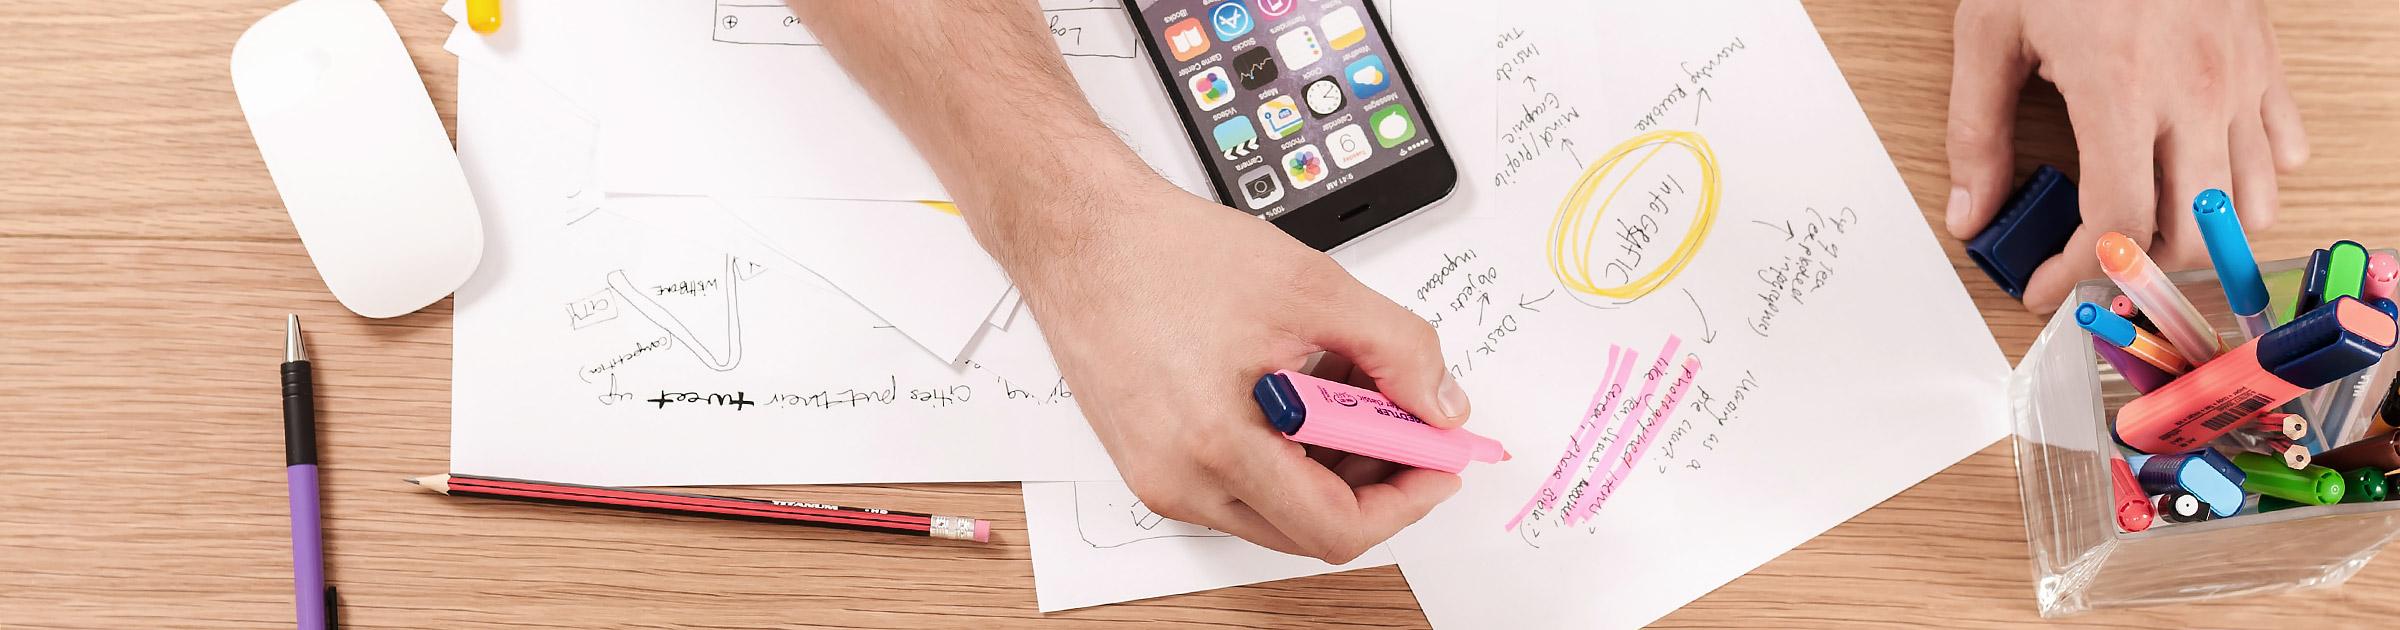 siblog Lettershop Dienstleistungen für Kreativagenturen - Beratung zu Mailings, Druck und Versand